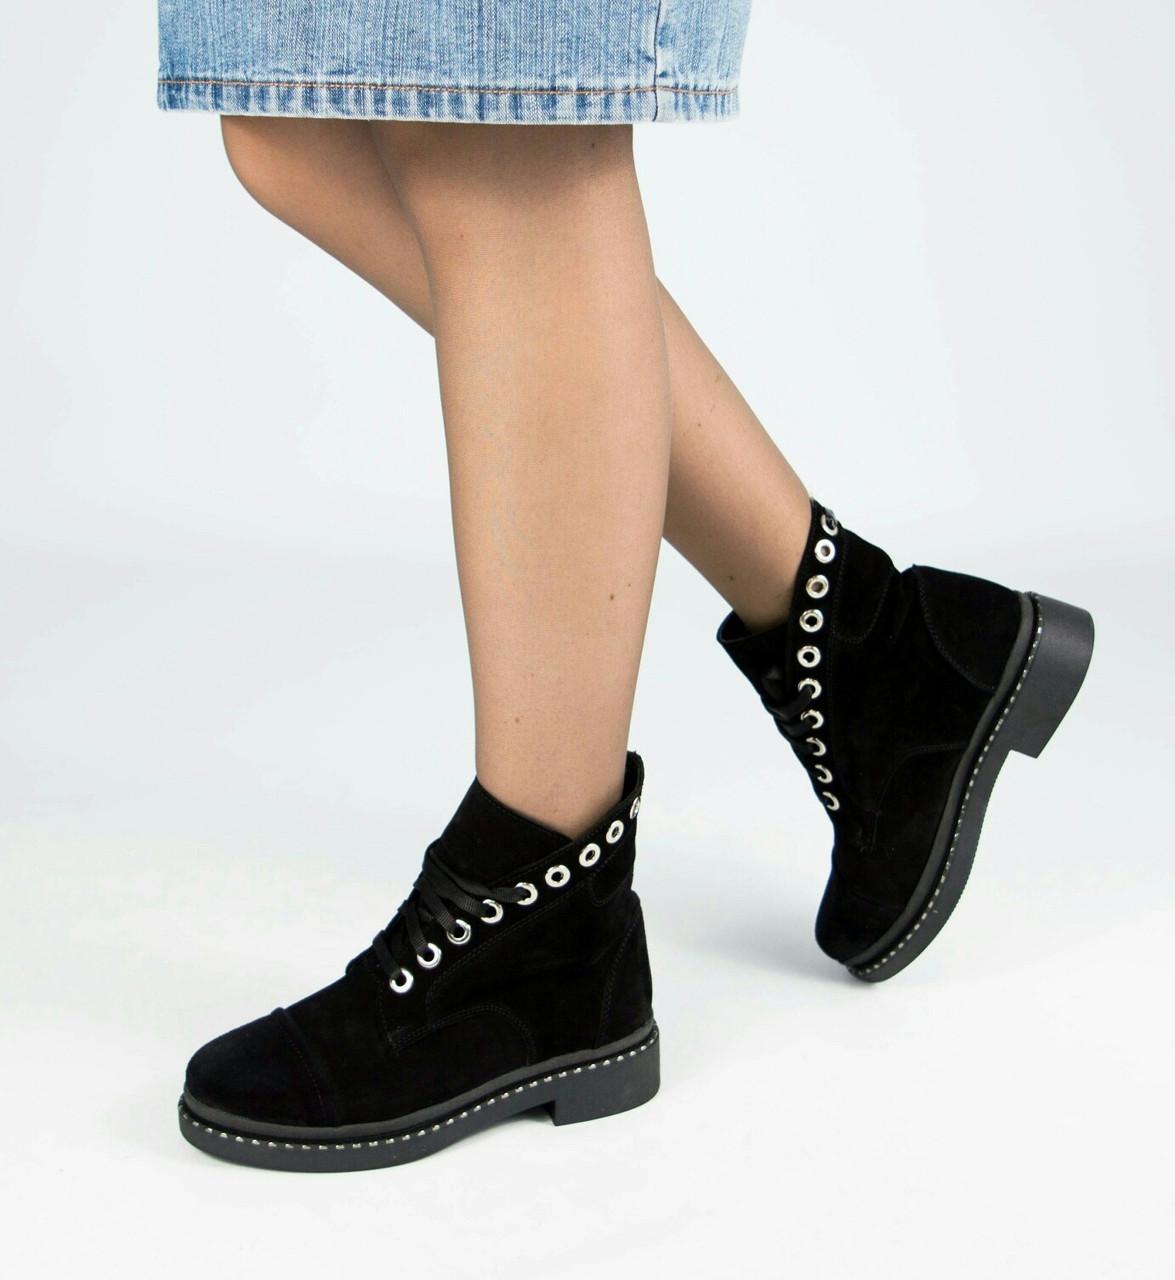 Женские ботинки из натуральной замши со шнуровкой 36-40 р